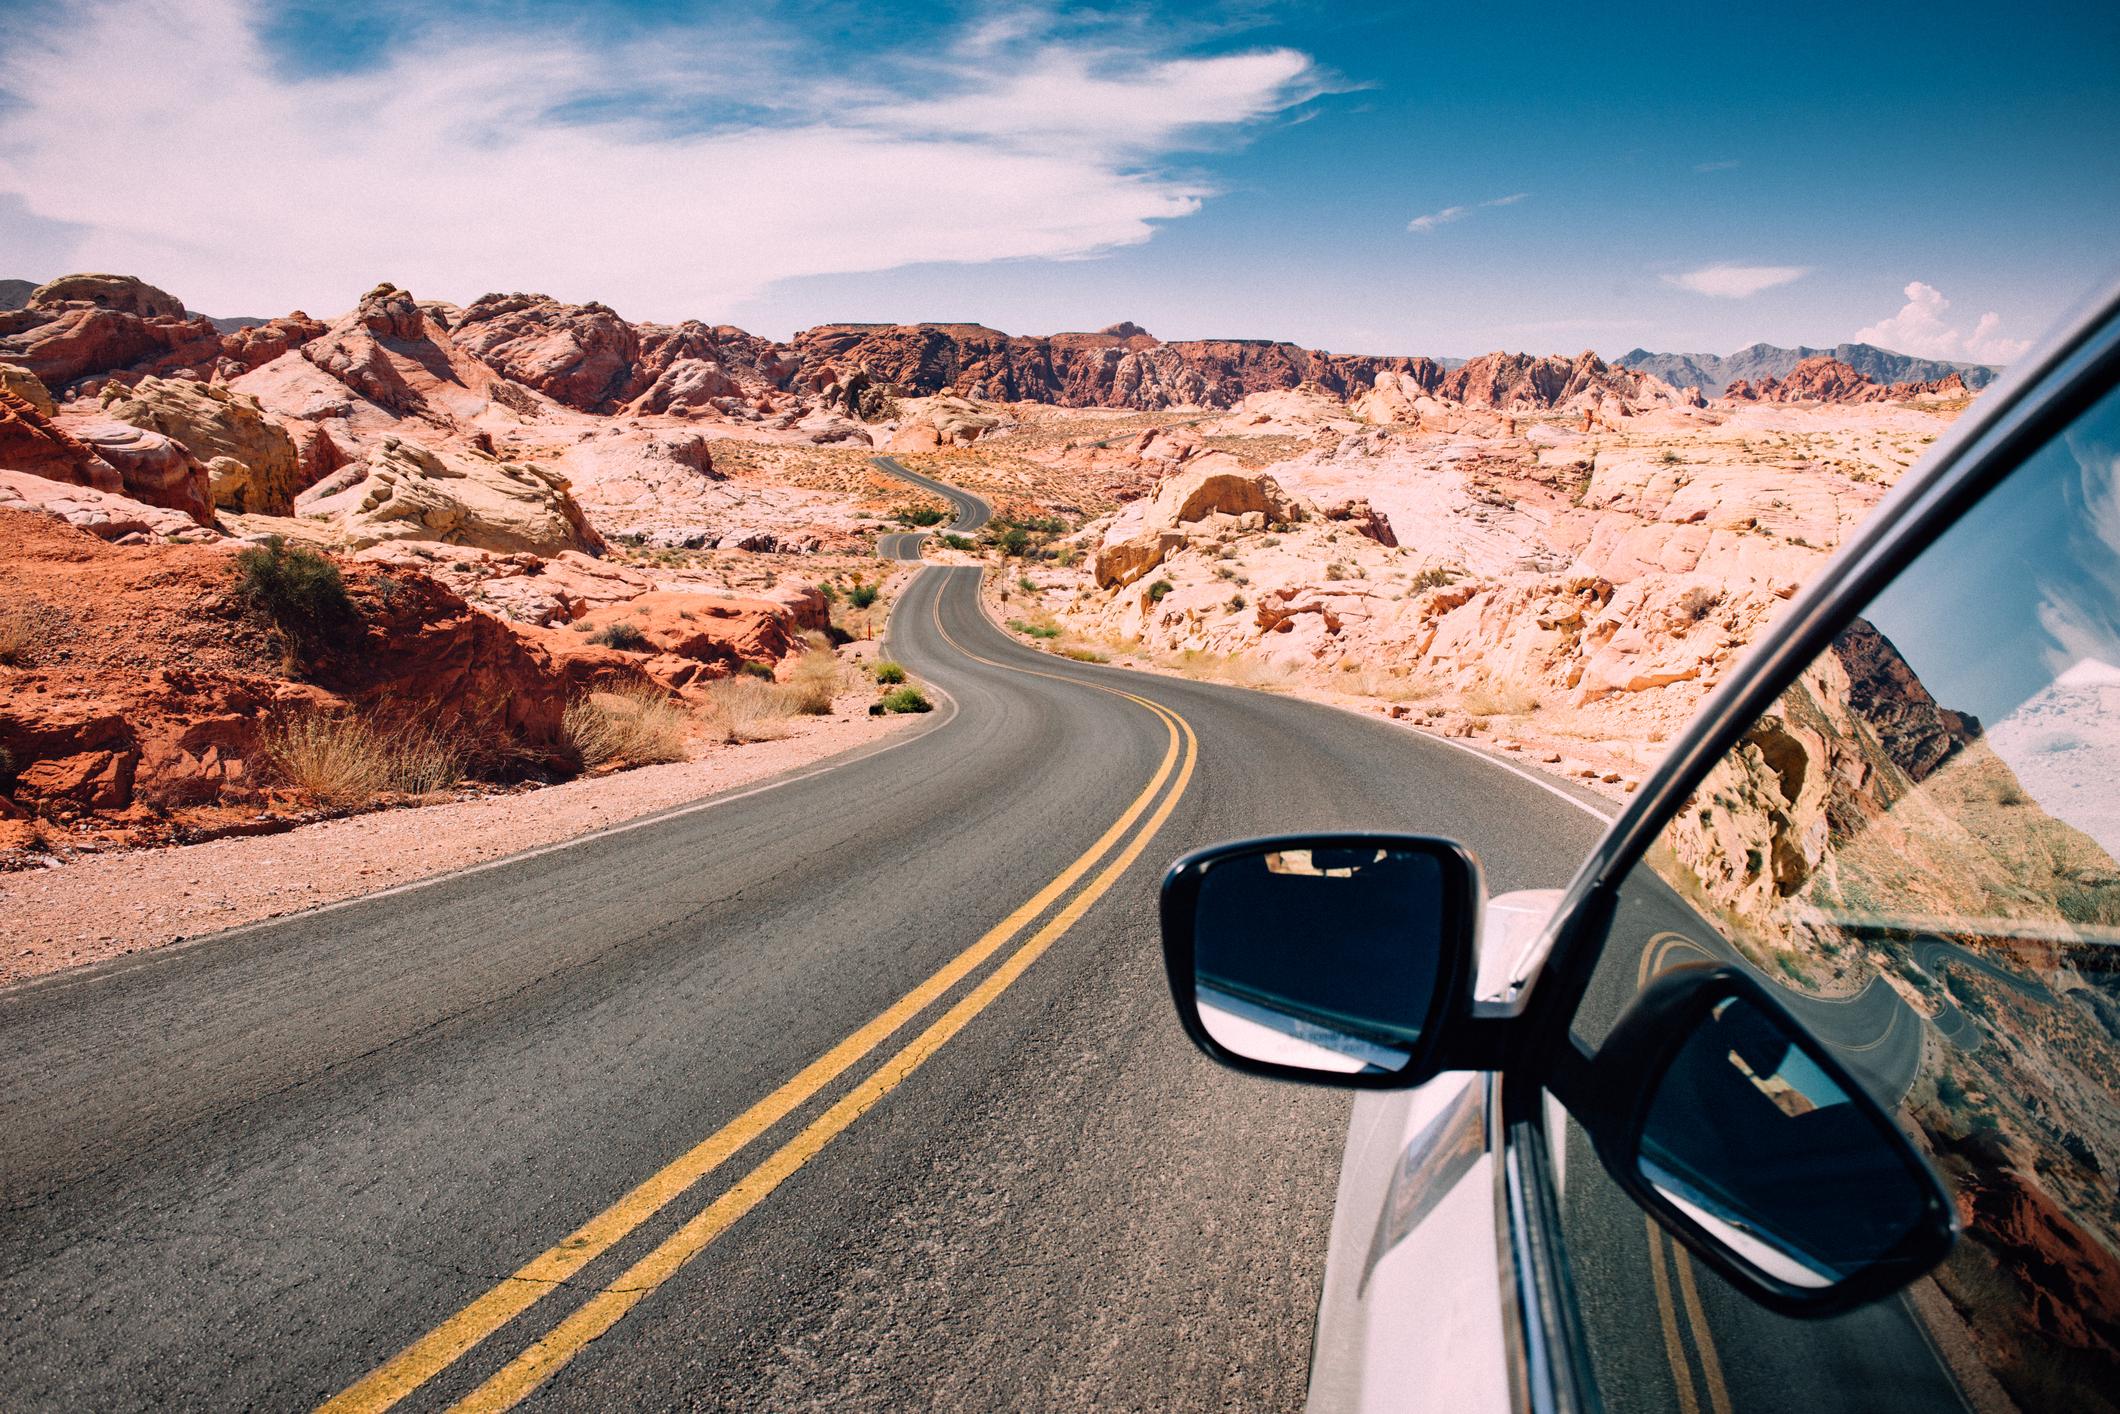 Vehículo en carretera